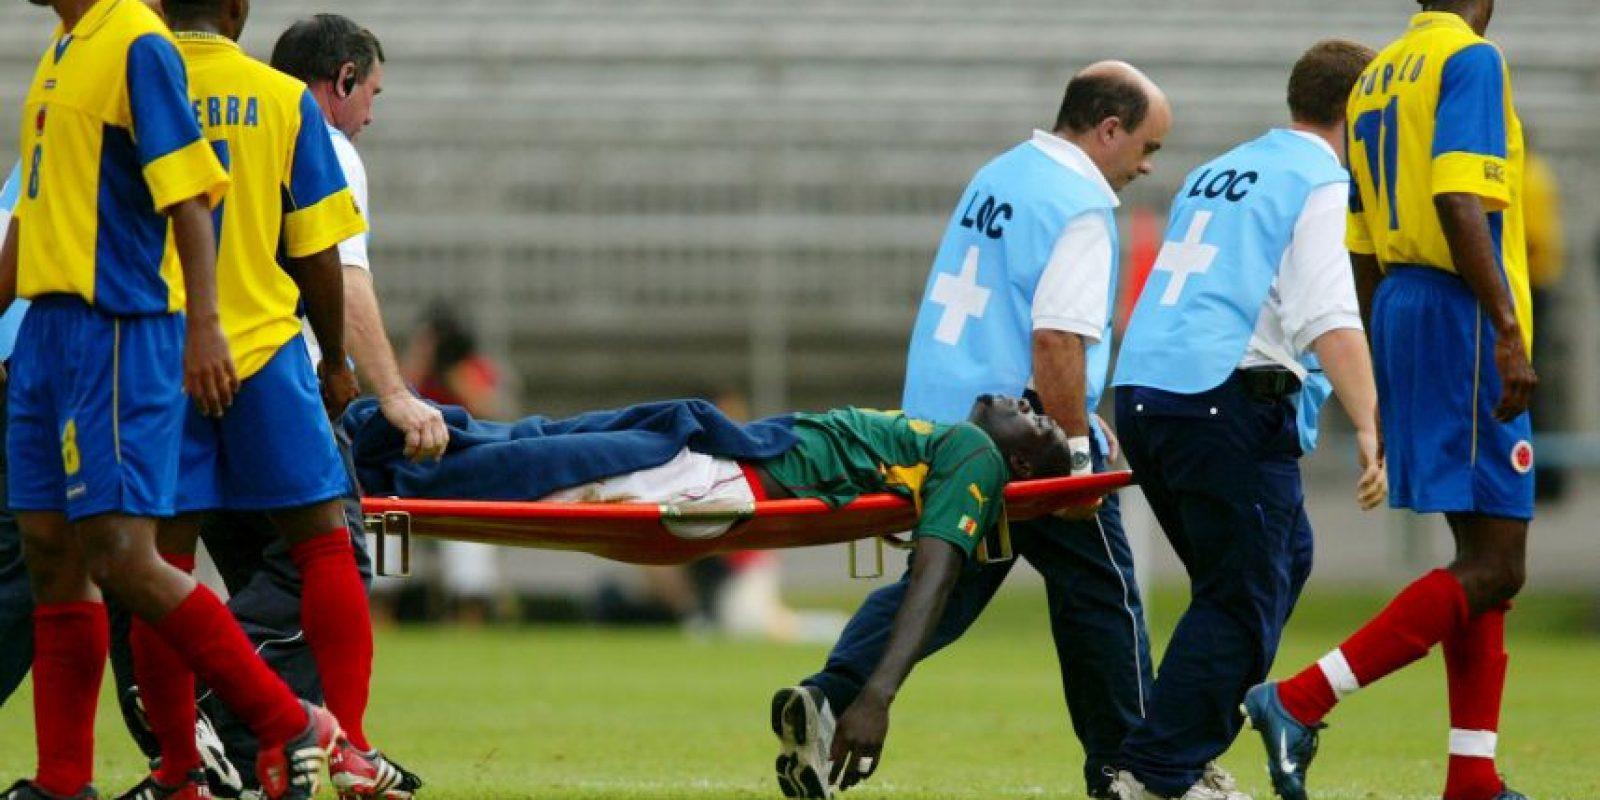 Durante la Copa FIFA Confederaciones de 2003, Marc Vivien Foe se desplomó al minuto 72 en el duelo entre su Selección, Camerún, y Colombia. Foto:Getty Images